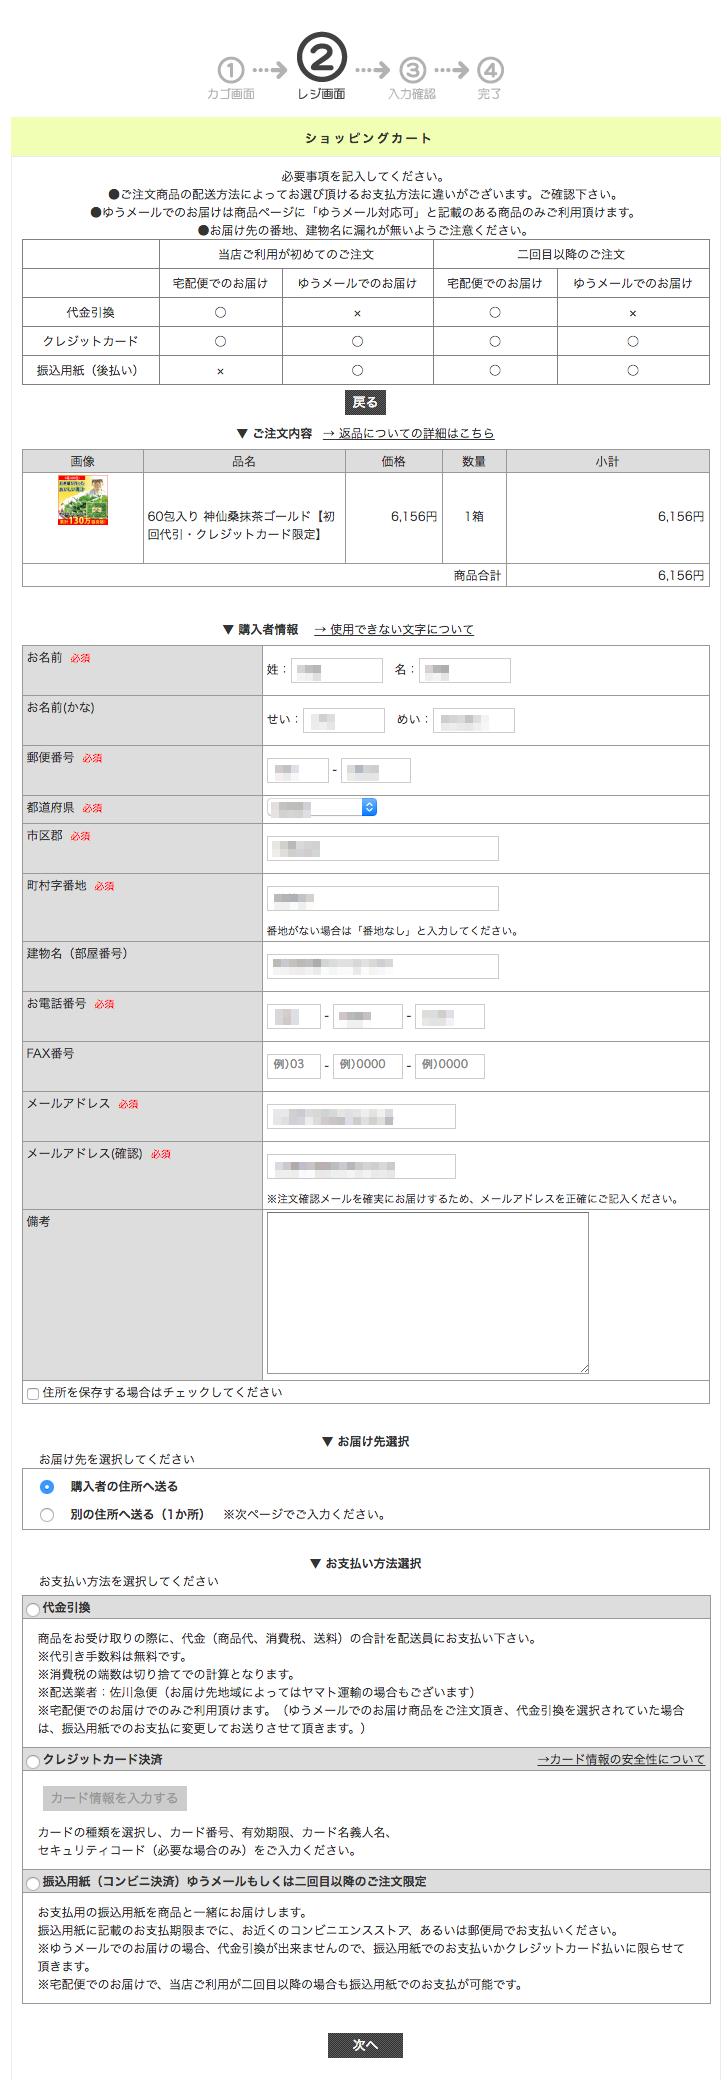 神仙抹茶ゴールドのレジ画面(購入者情報入力)